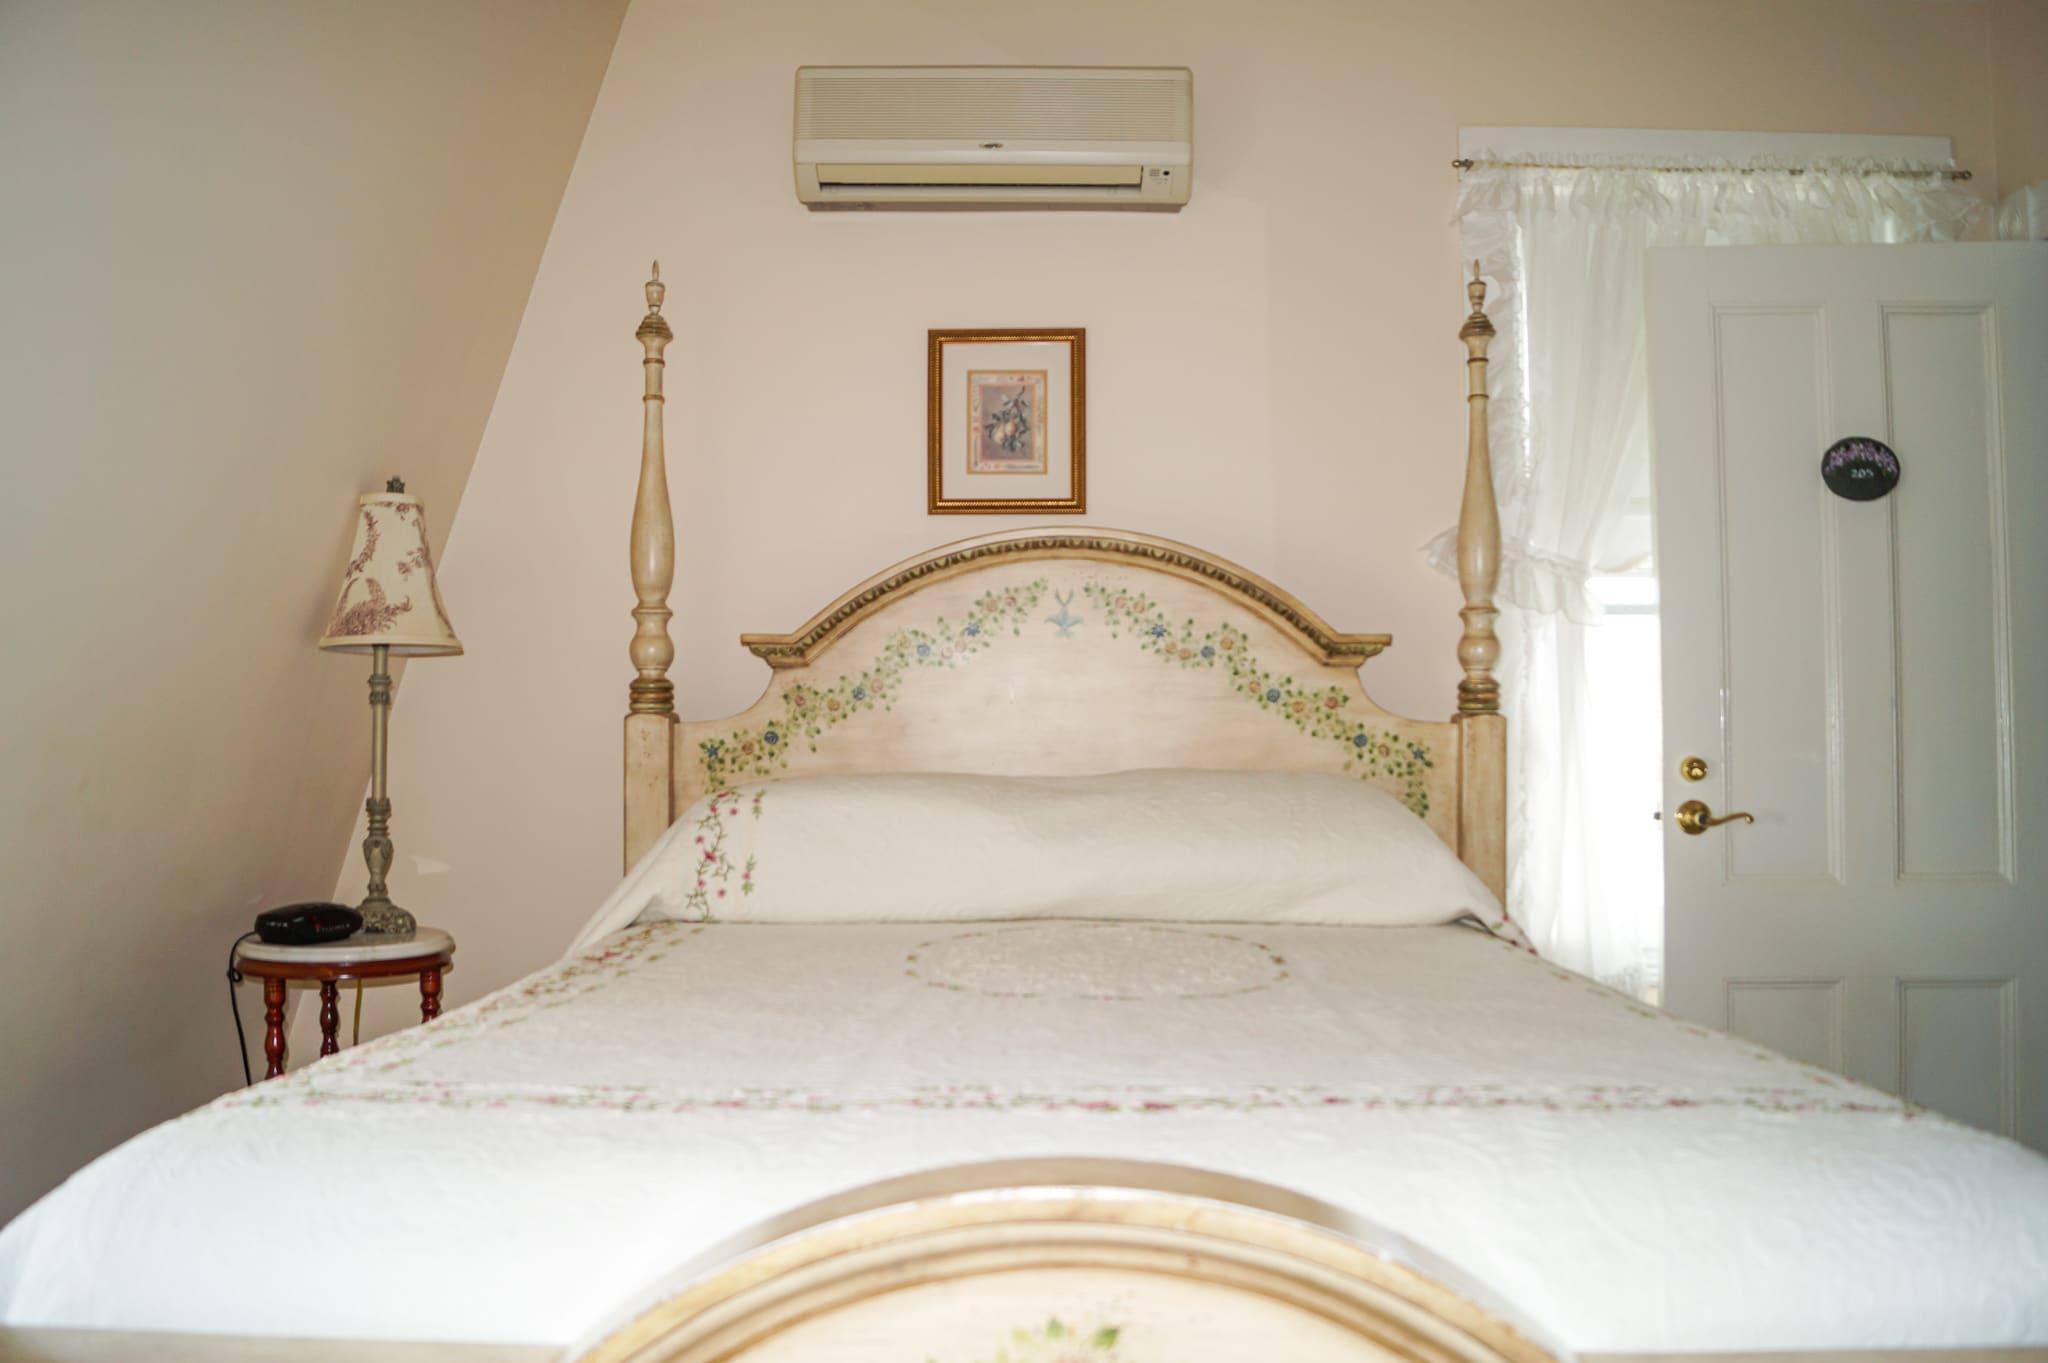 Room #205